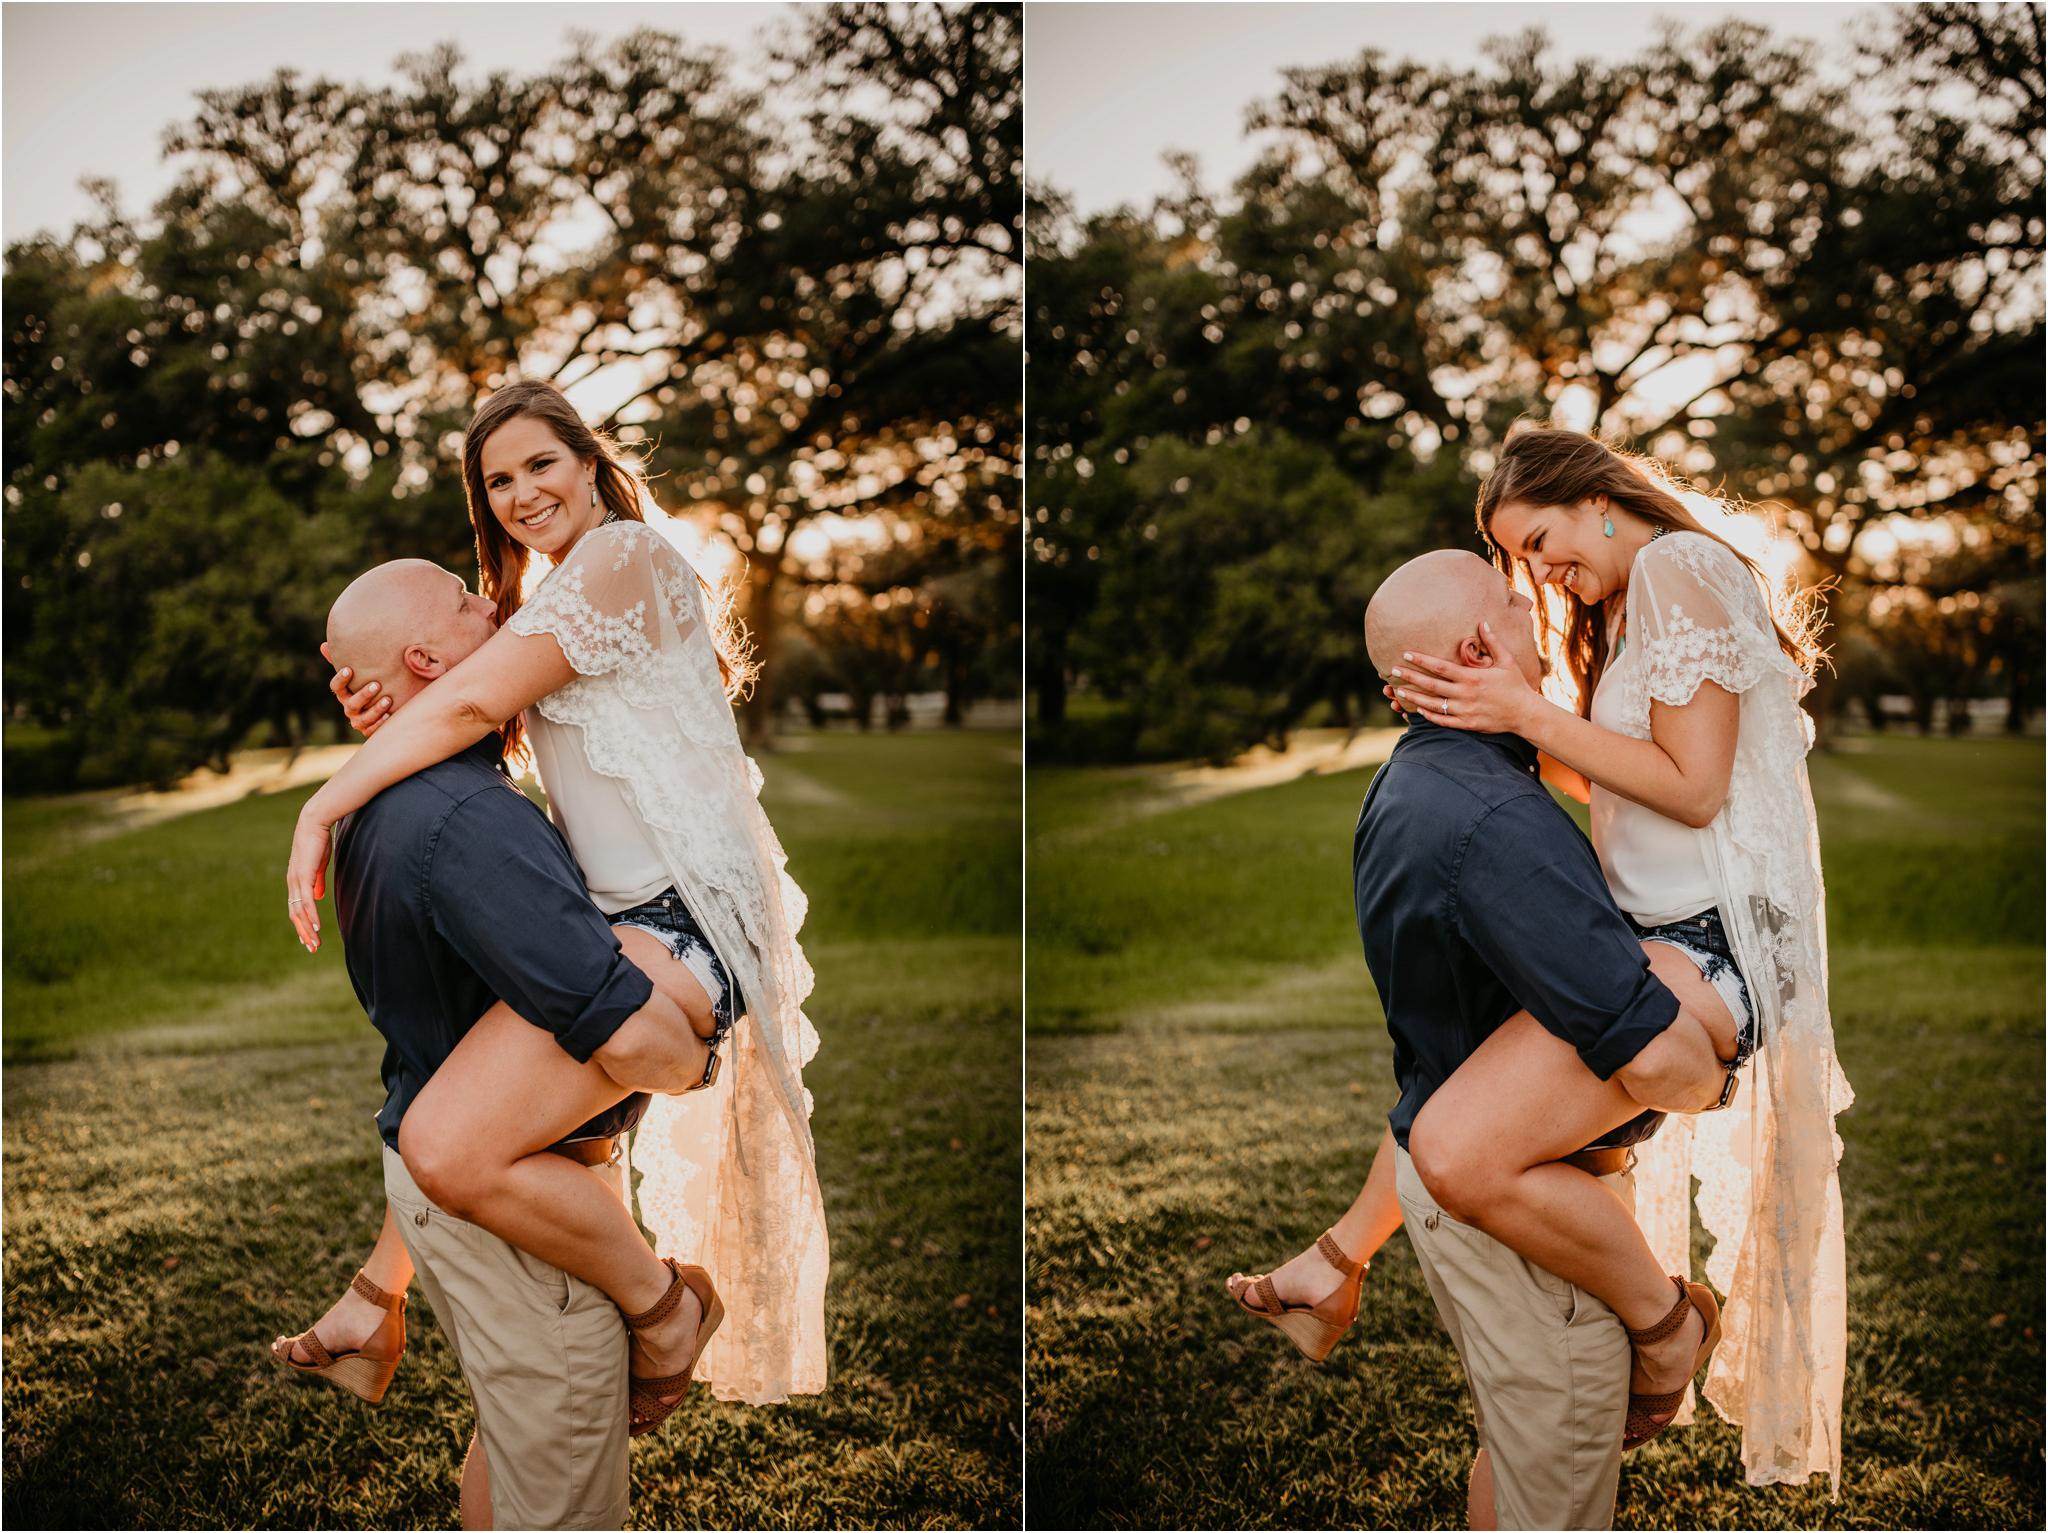 katie-and-eric-houston-oaks-engagement-session-houston-wedding-photographer-031.jpg